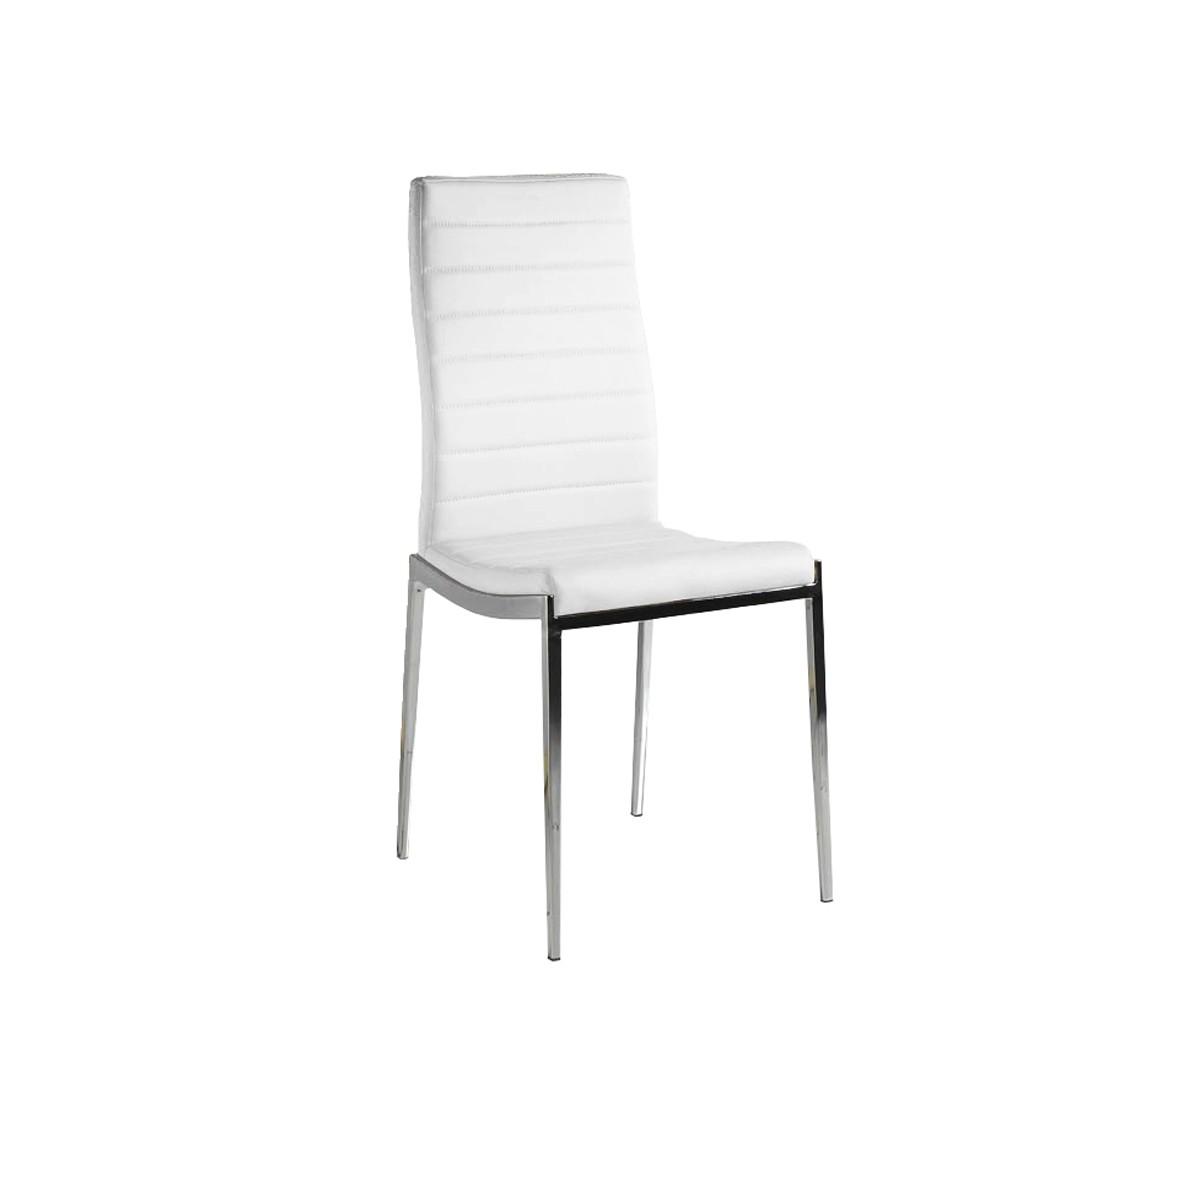 Pack 4 sillas polipiel color blanco